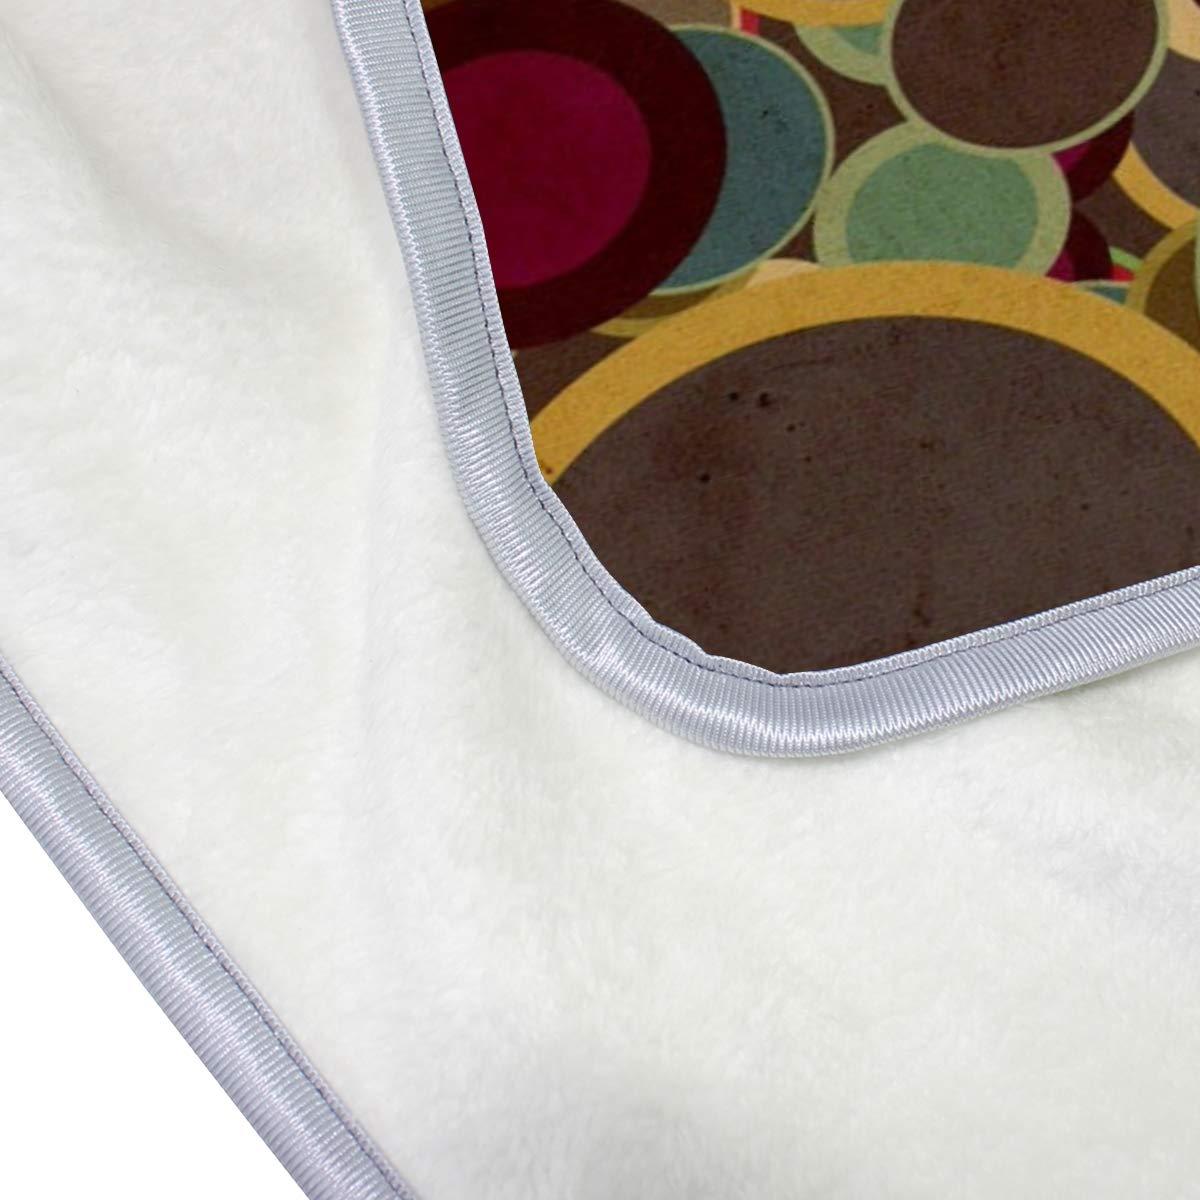 127 x 152 cm Vipsa Überwurfdecke leicht gemütlich superweiche Decke Büro Mikrofaser Sofa-/Bett-Überwurf für Betten warmes Polyester Schoß-Couch Plüsch schöne Bunte runde